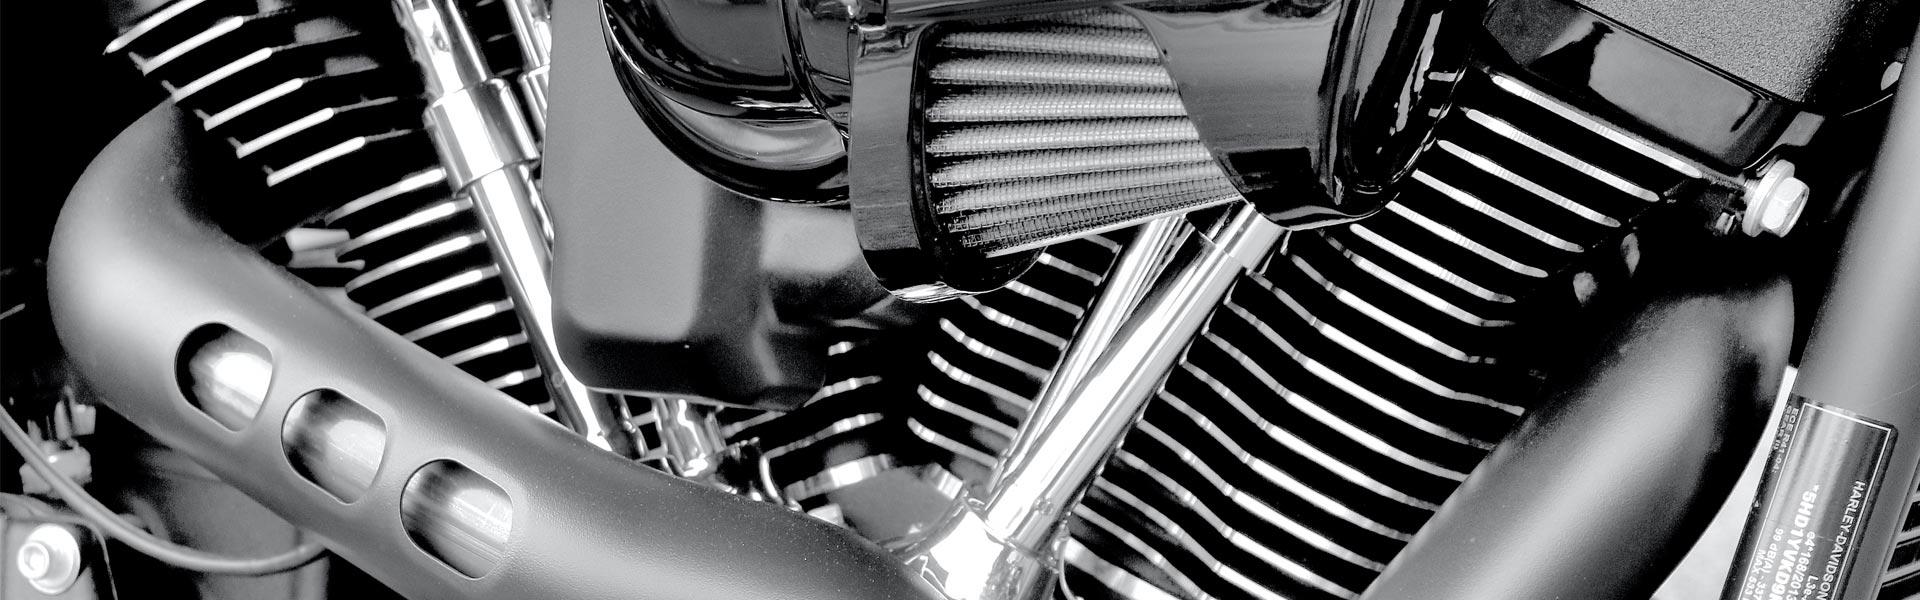 Les motos seront-elles un jour bridées à 180km/h ?